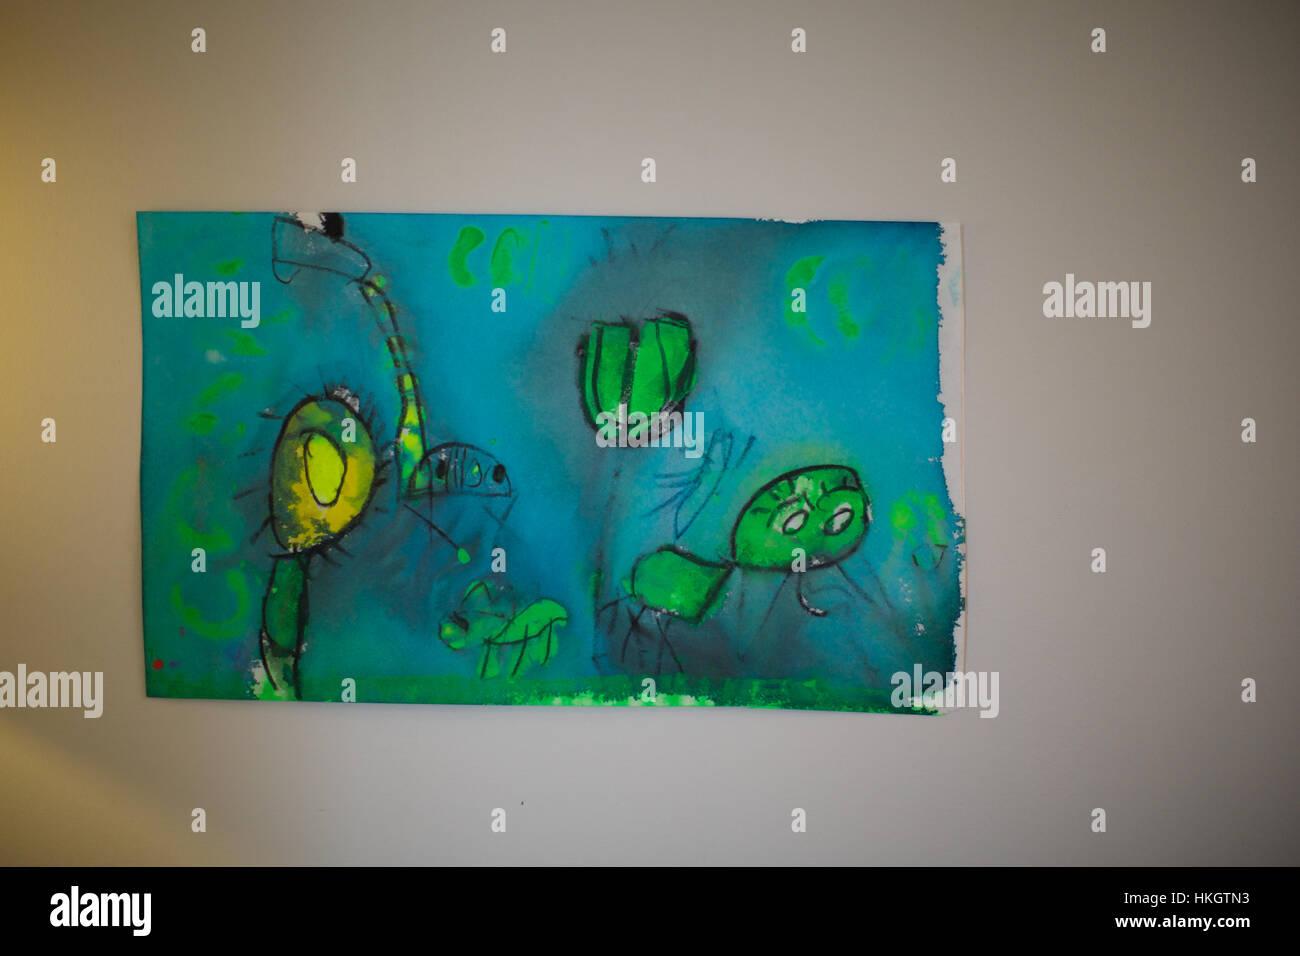 Kind Ist Auf Dem Display Papier Zeichnen Wand Kunst Kreativität